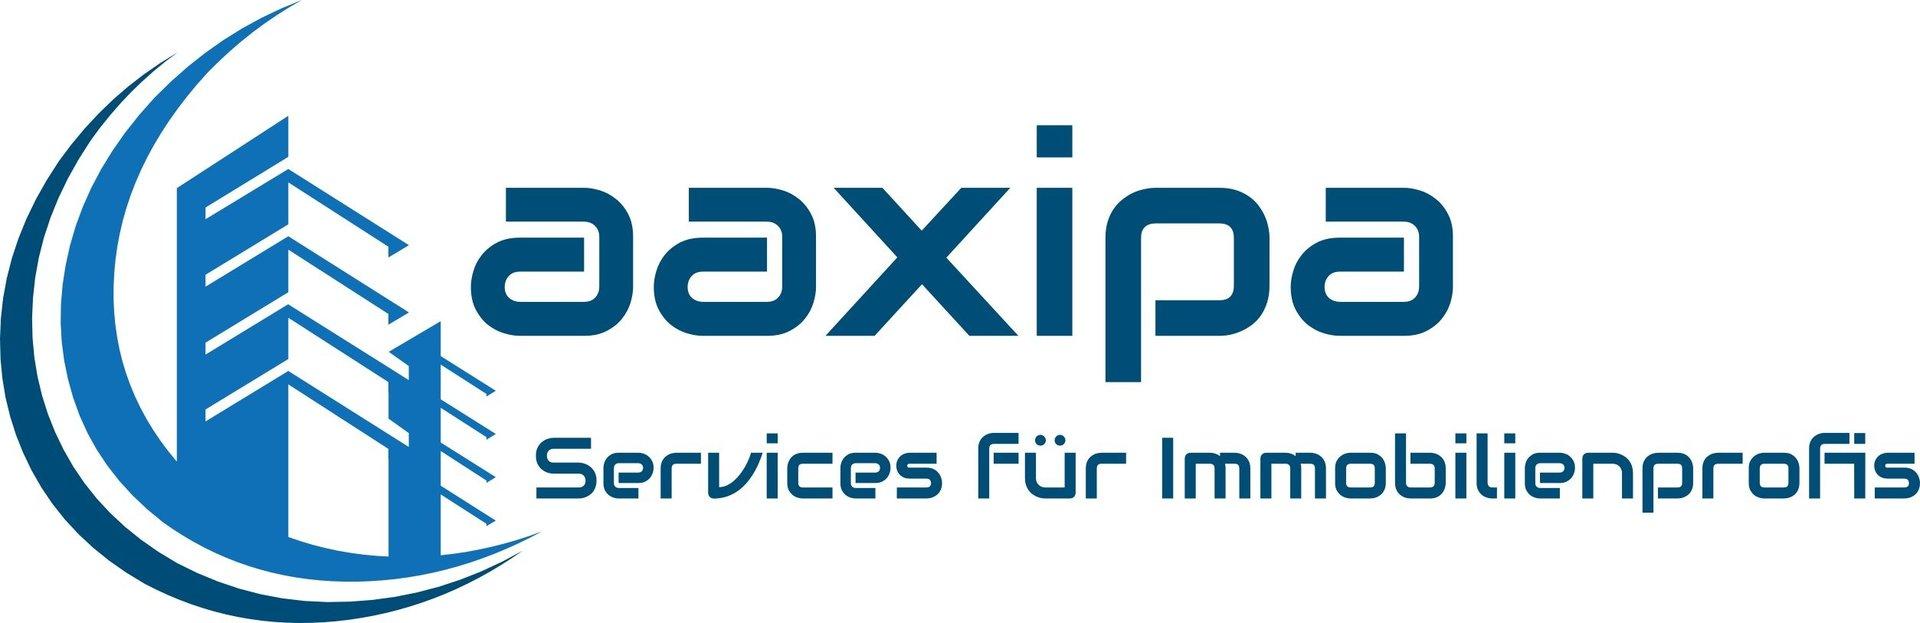 aaxipa ... Services für Immpbilienprofis